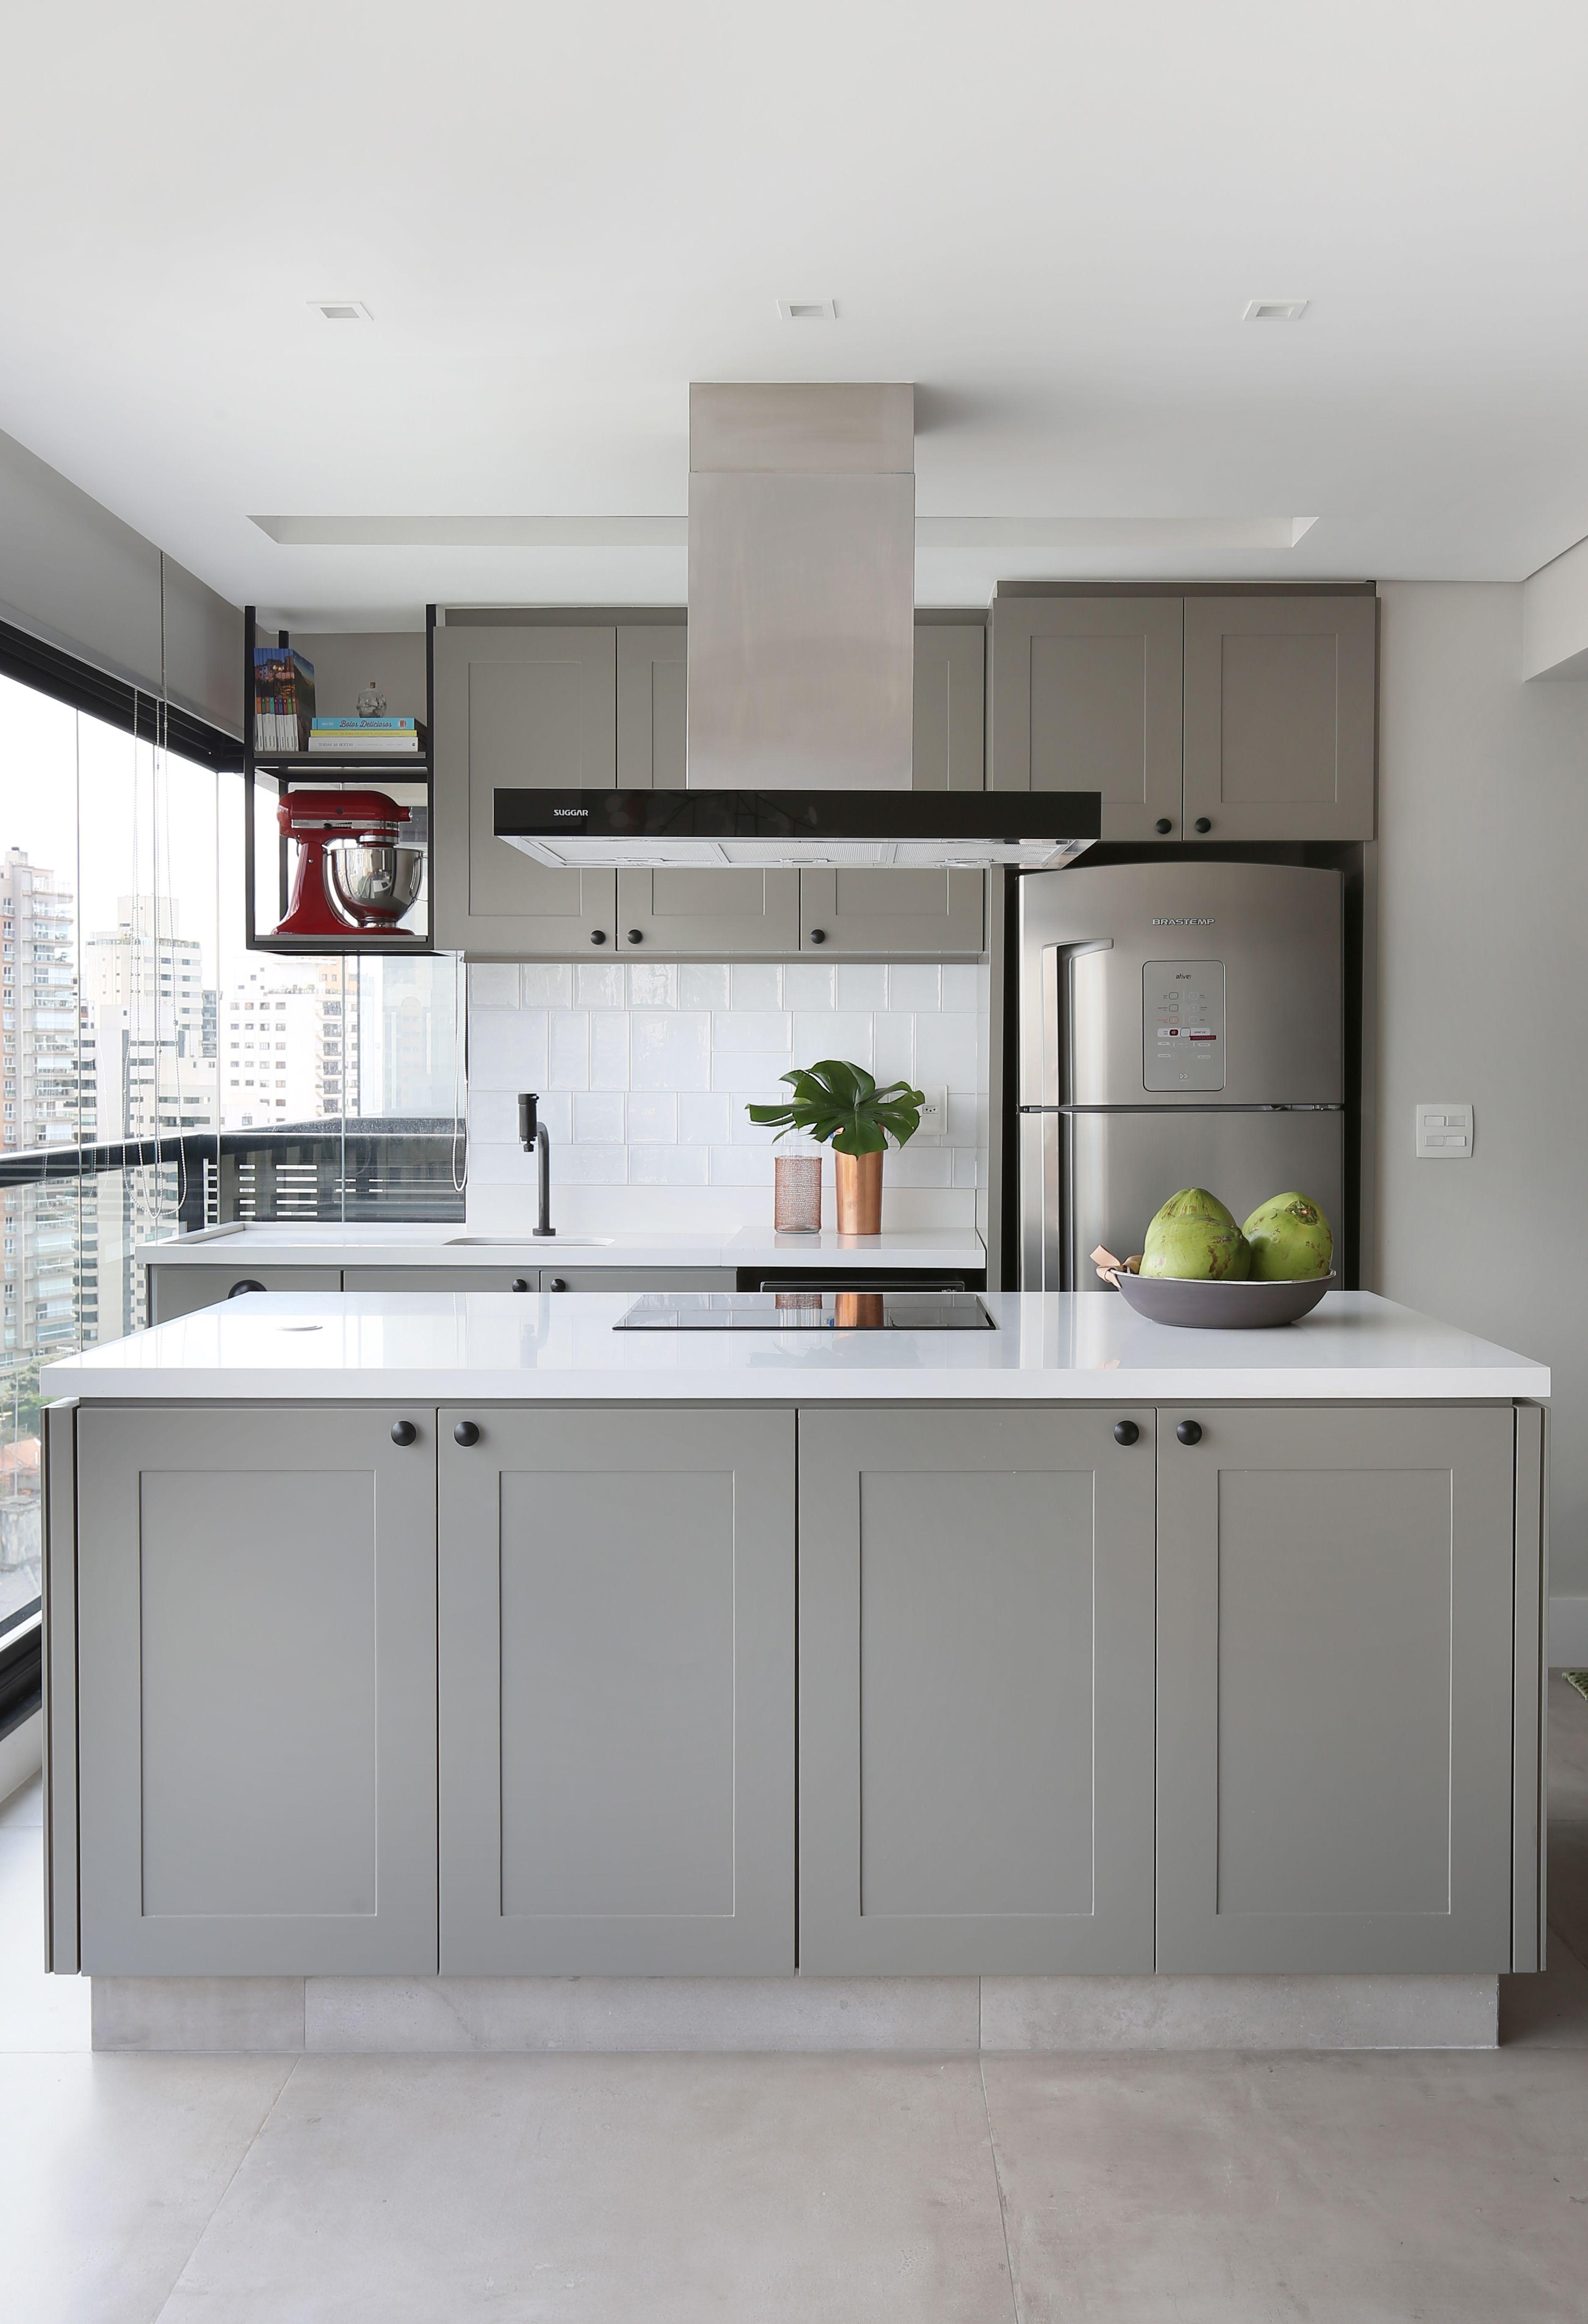 Foto Para Loft 87 Cozinha Detalhes Omelhorclick Archdaily Decor Design Designer Interiores Fotografiadeint Kitchen Plans Kitchen Decor Kitchen Design